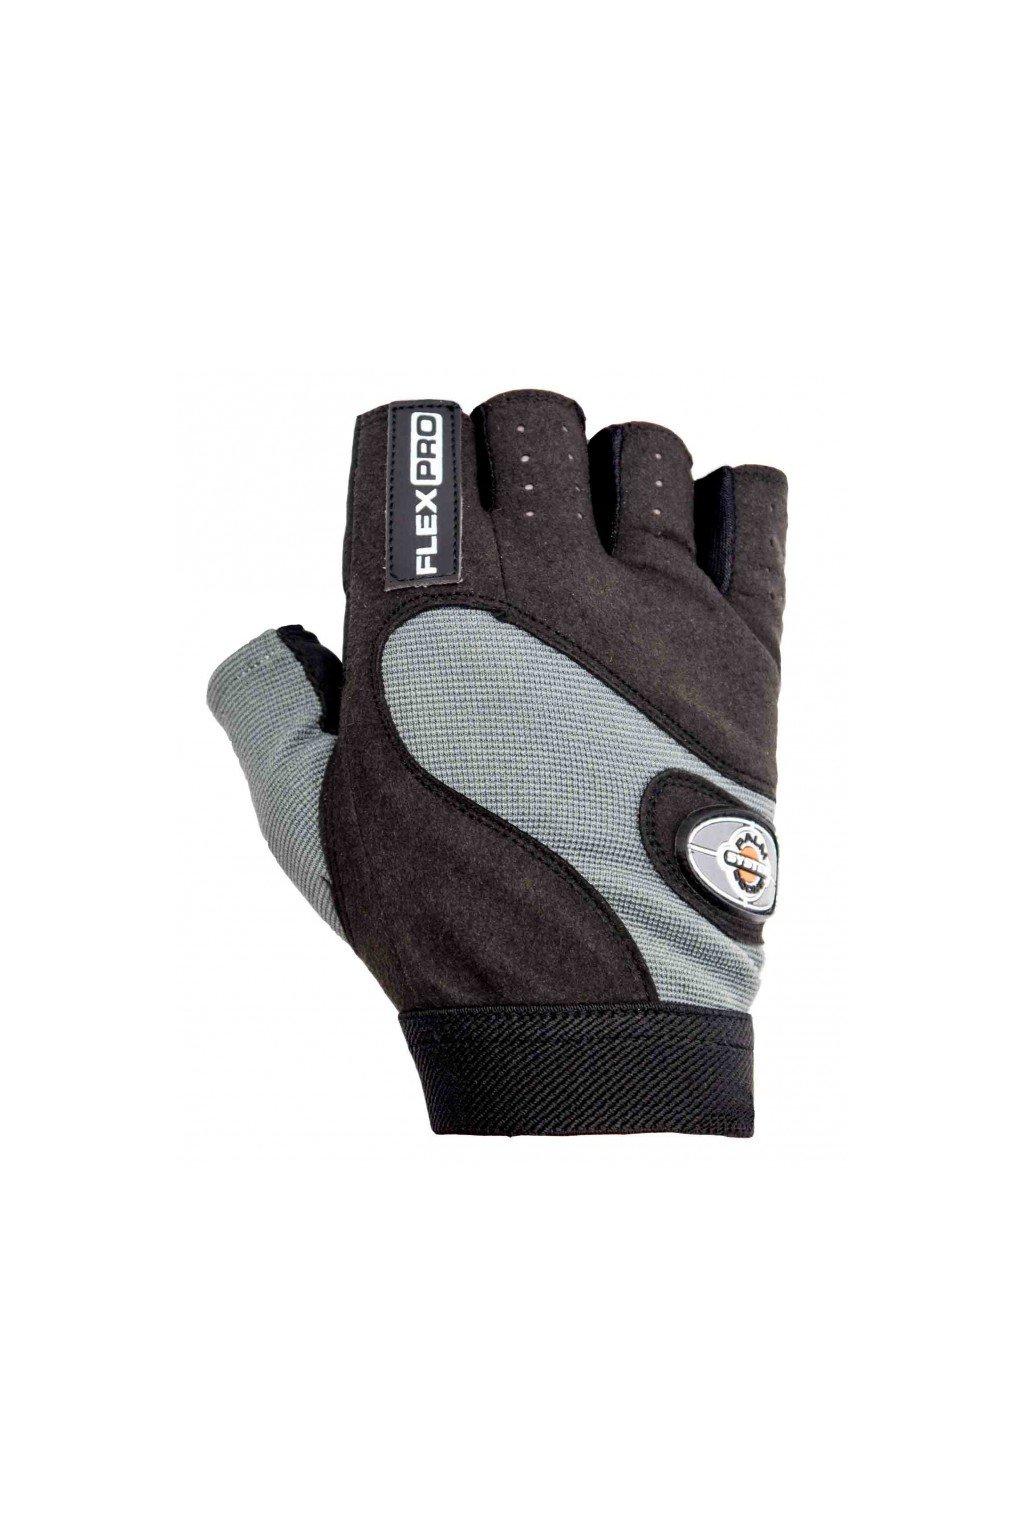 POWER SYSTEM fitness rukavice FLEX PRO sivé